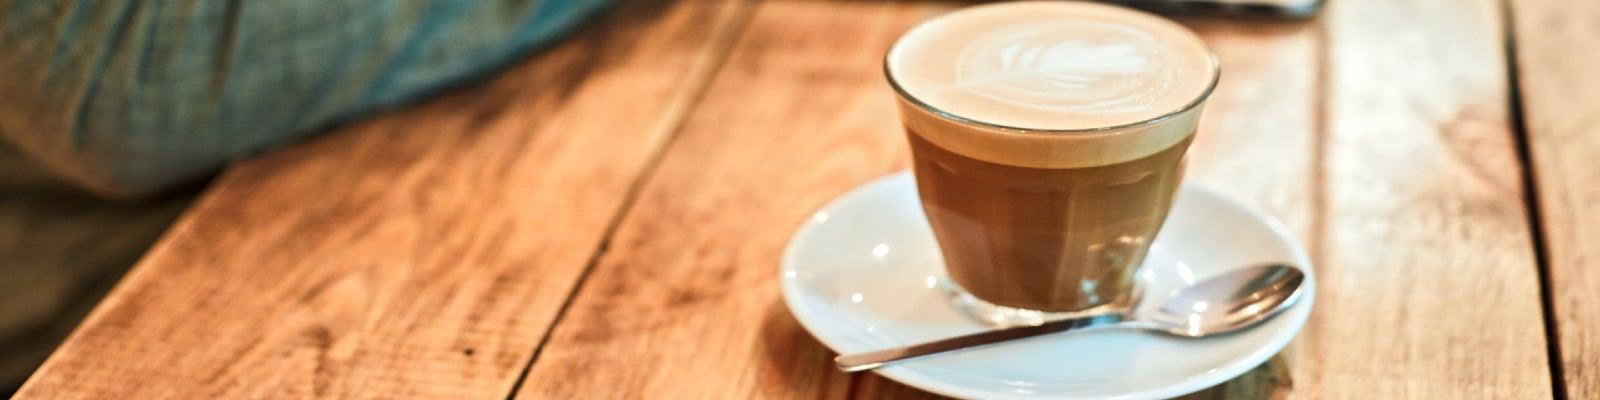 A macchiato coffee in a glass